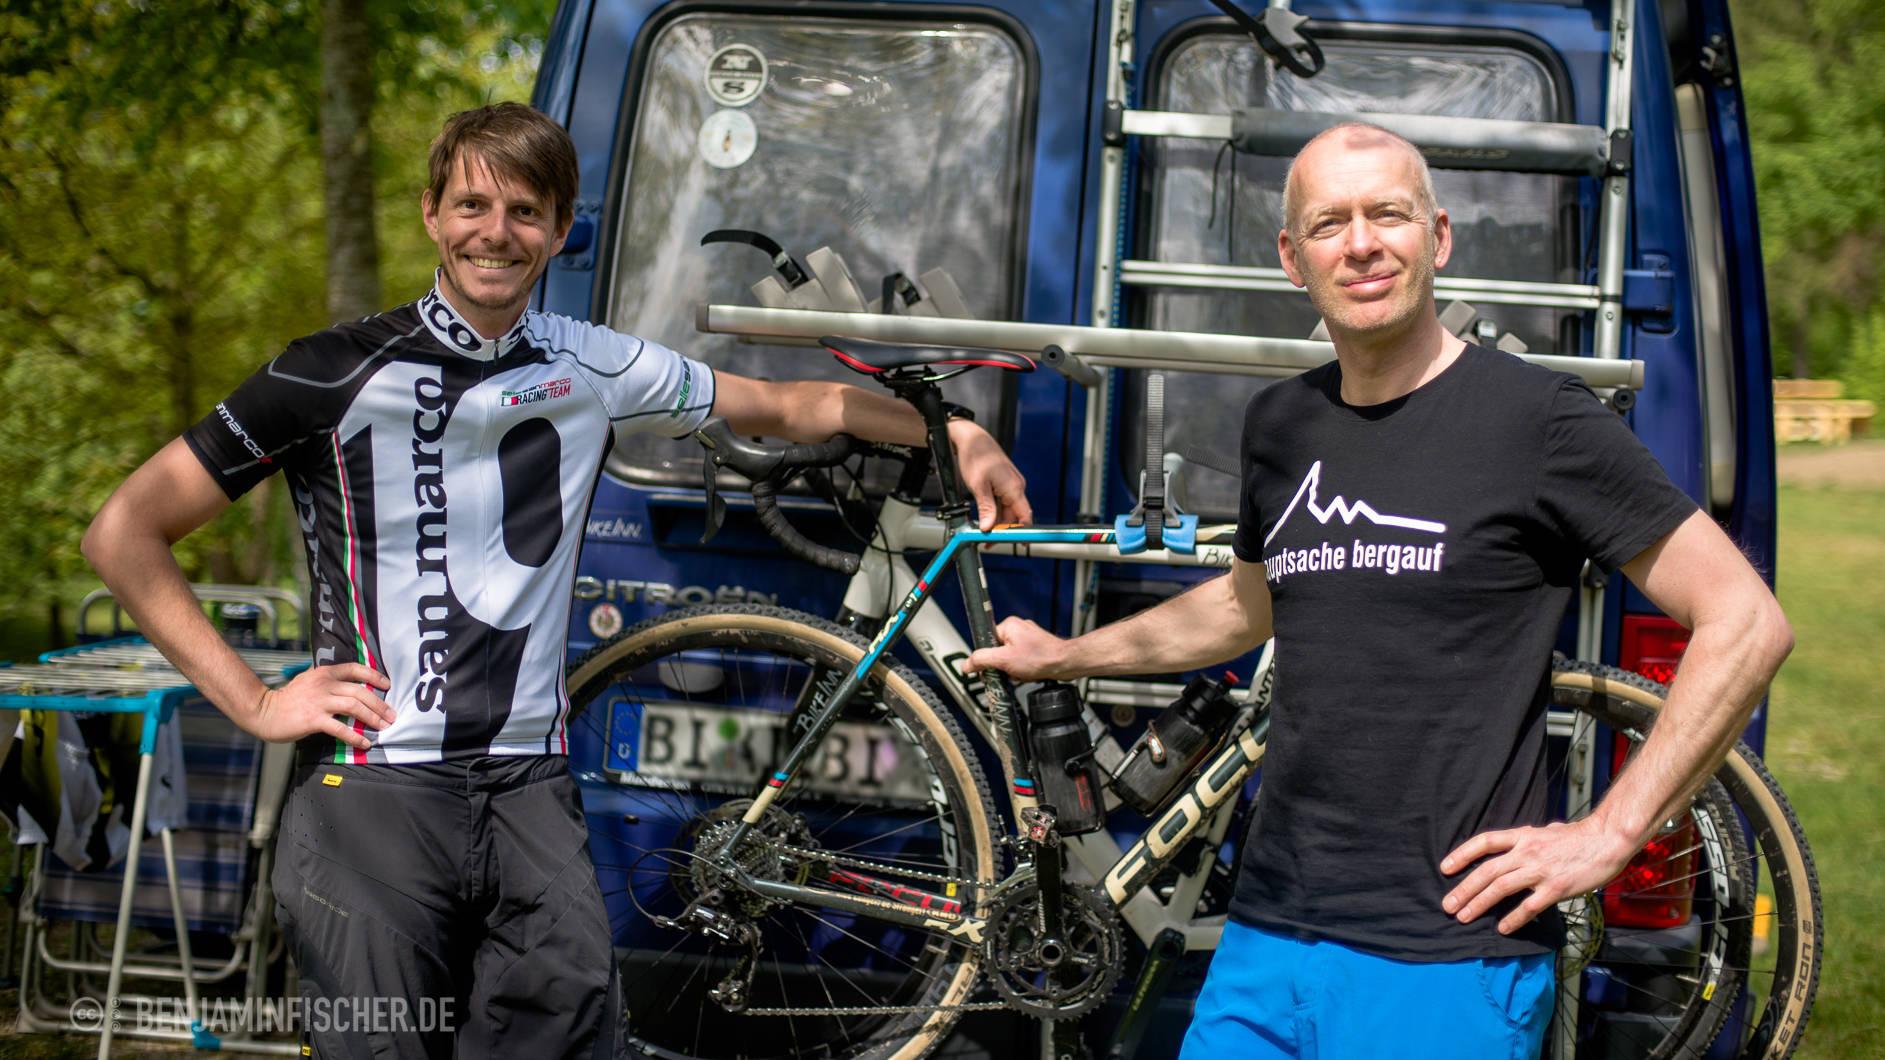 Christian (links) und Torsten mit Cross-Rädern und ihrem Campingbus. Die Bielefelder haben auch Mountenbikes dabei.